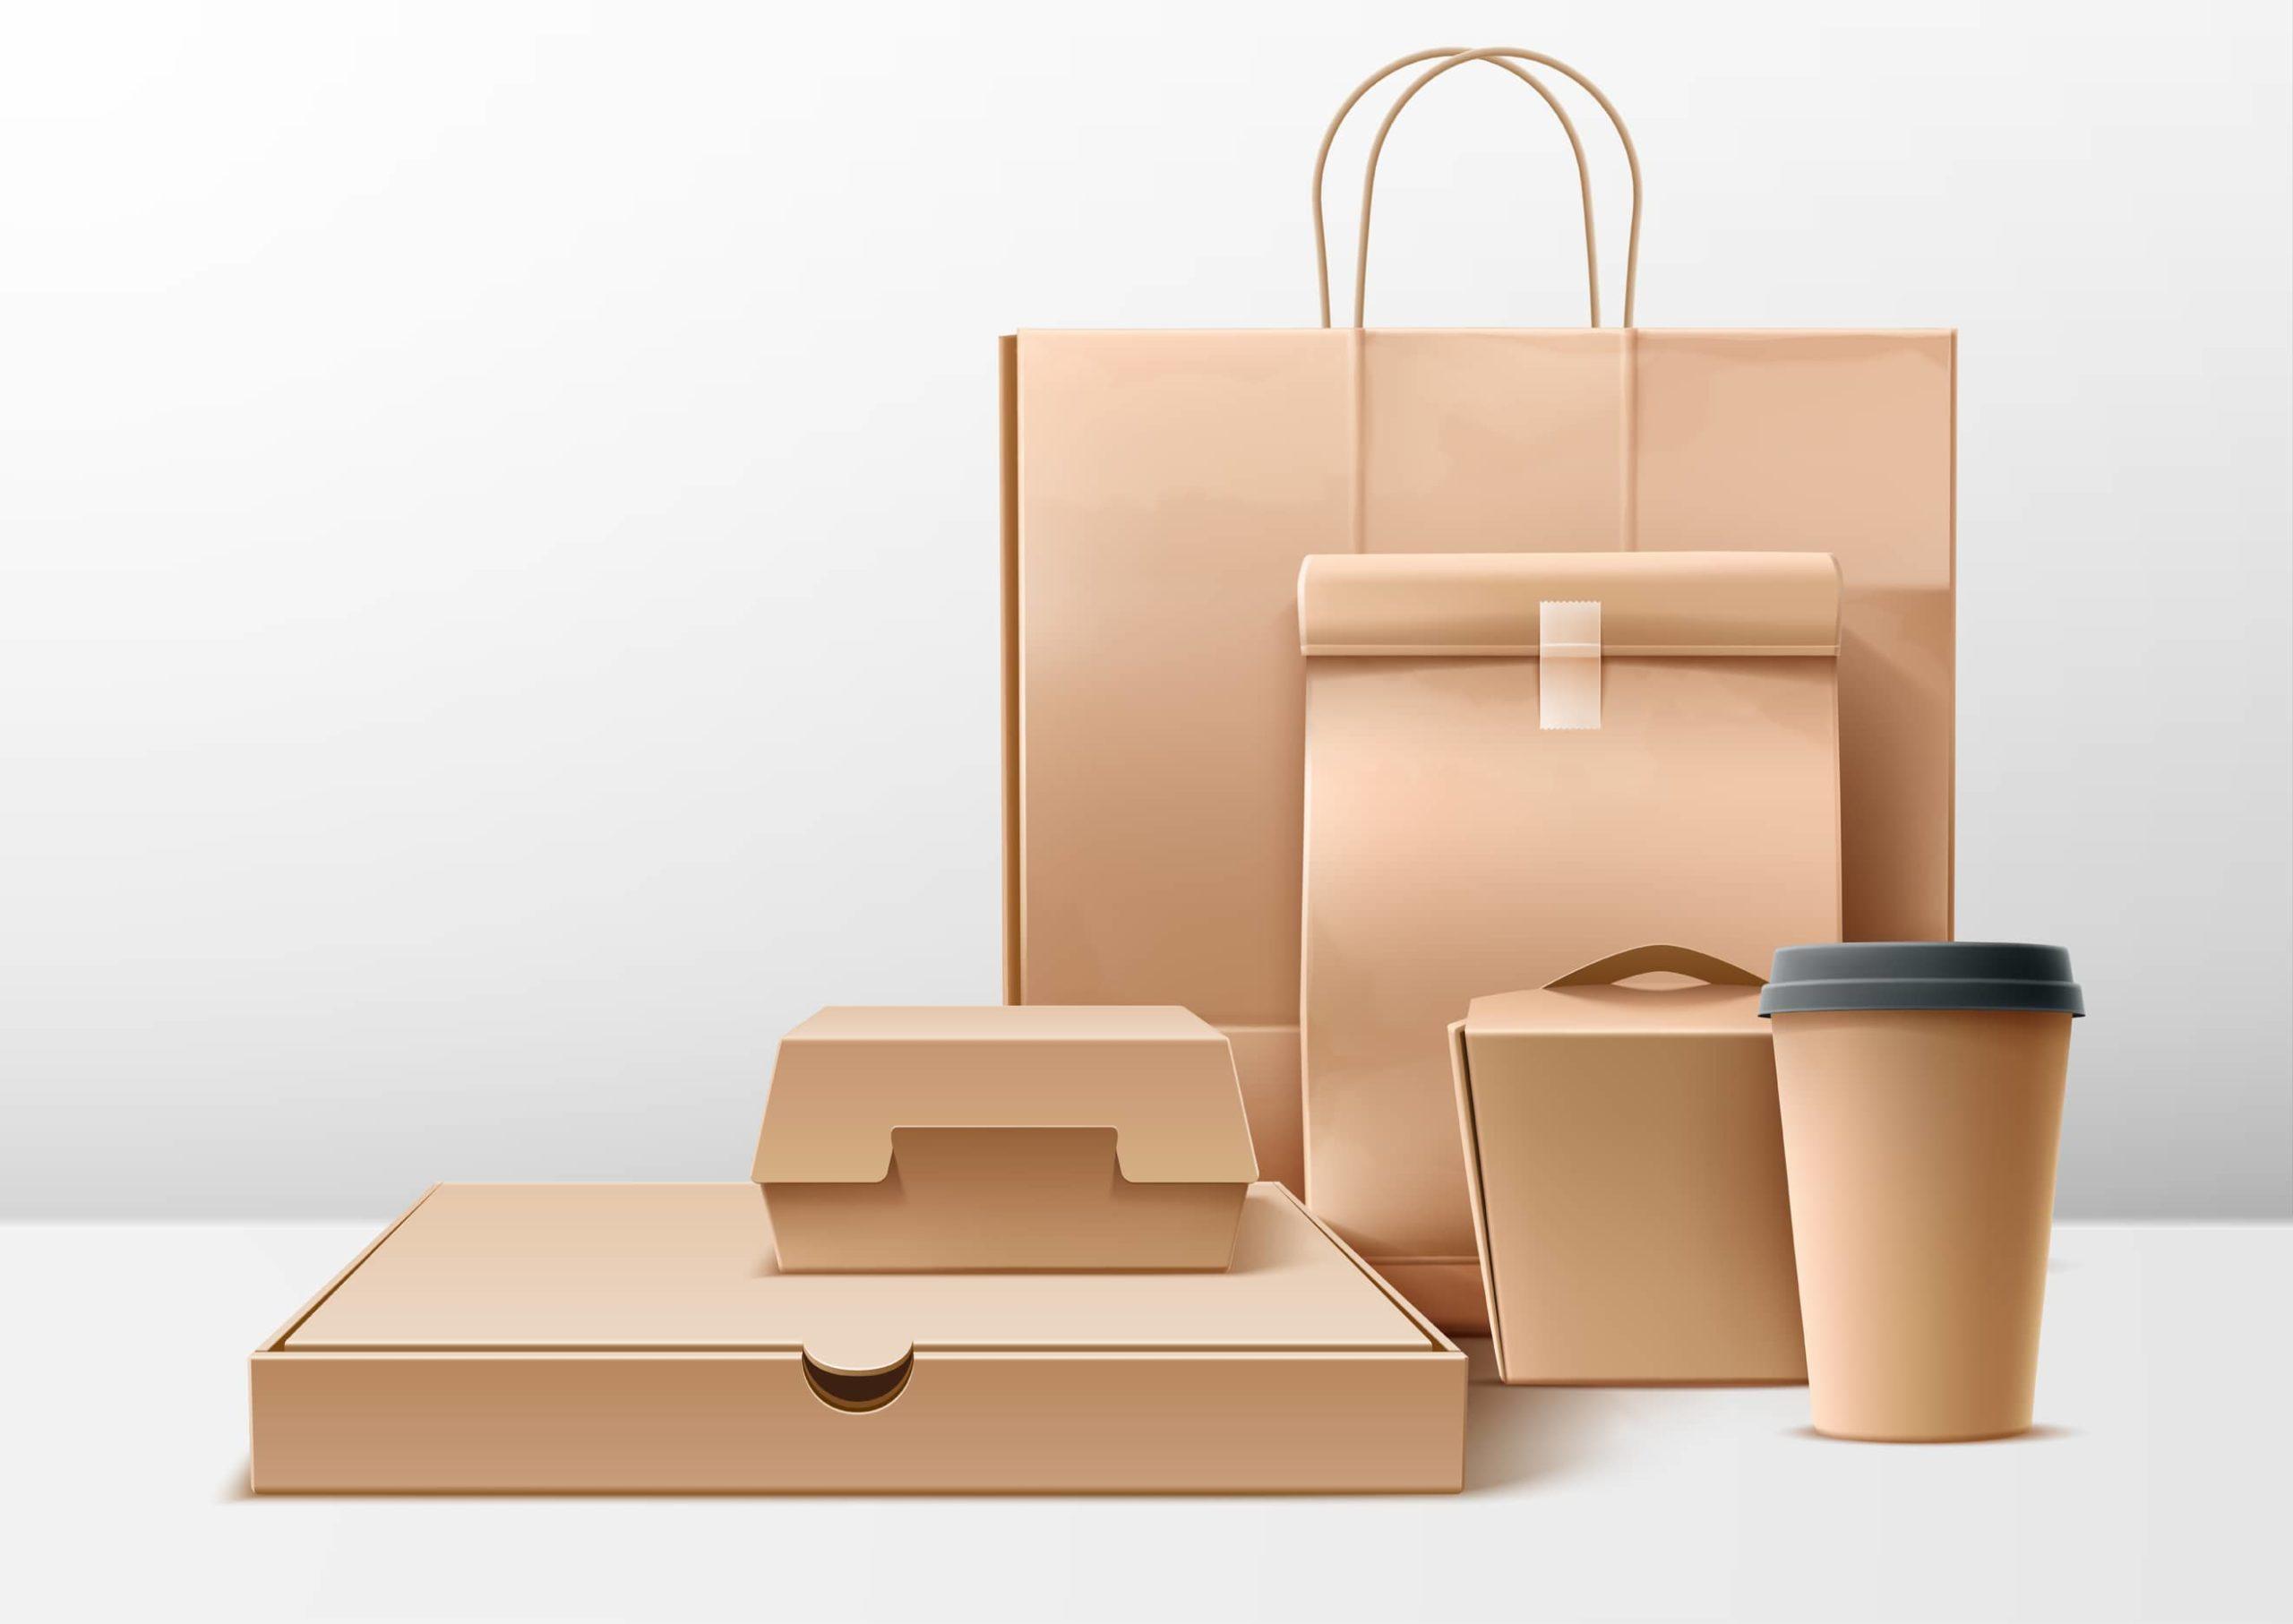 reduire-sur-emballage-consommateur